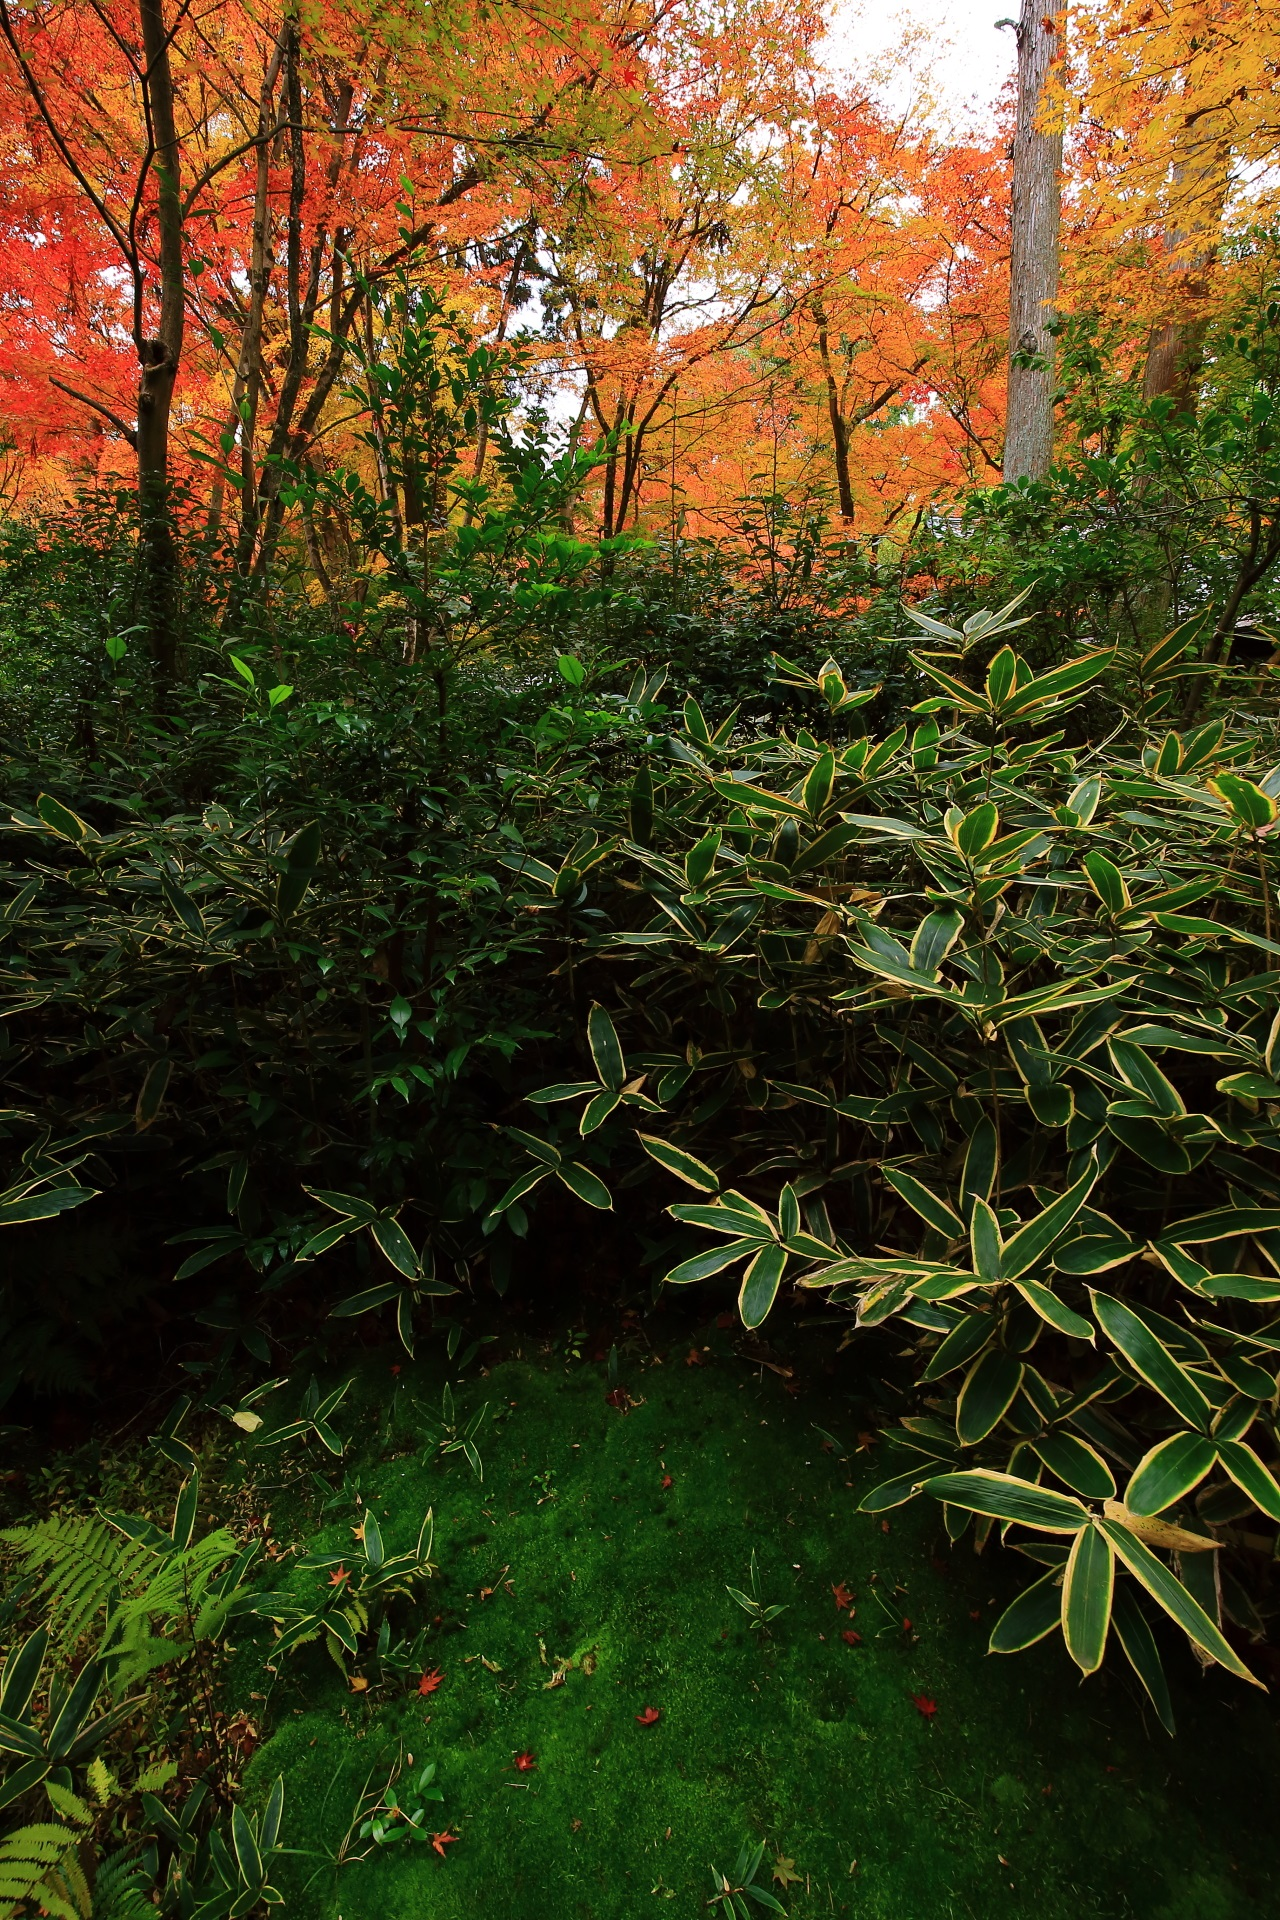 含翠庭の緑の苔や笹とオレンジの紅葉との綺麗なコントラスト